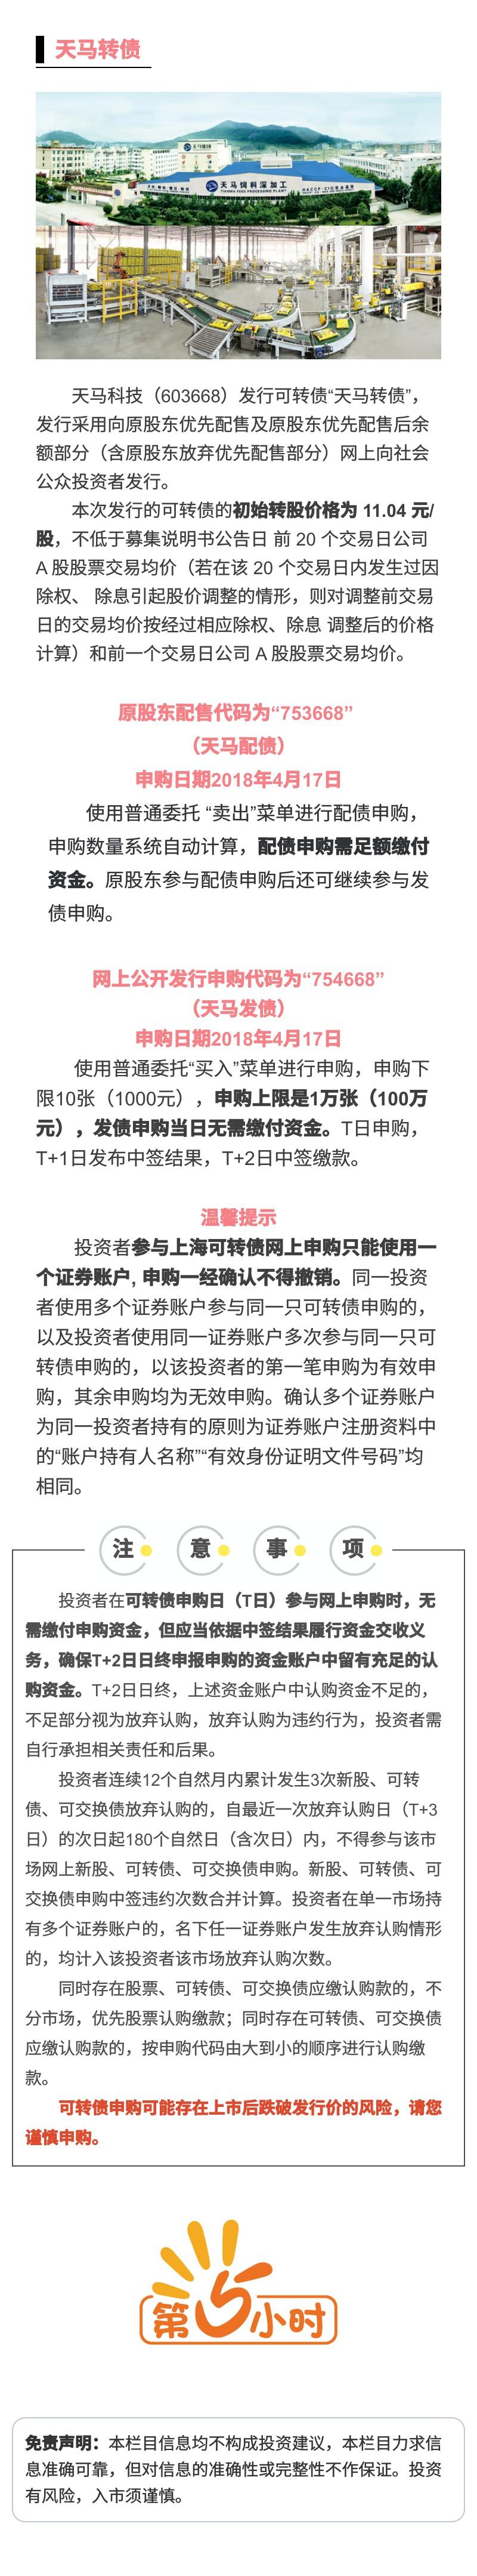 【新债申购】天马科技( 603668)公开发行可转换公司债.jpg